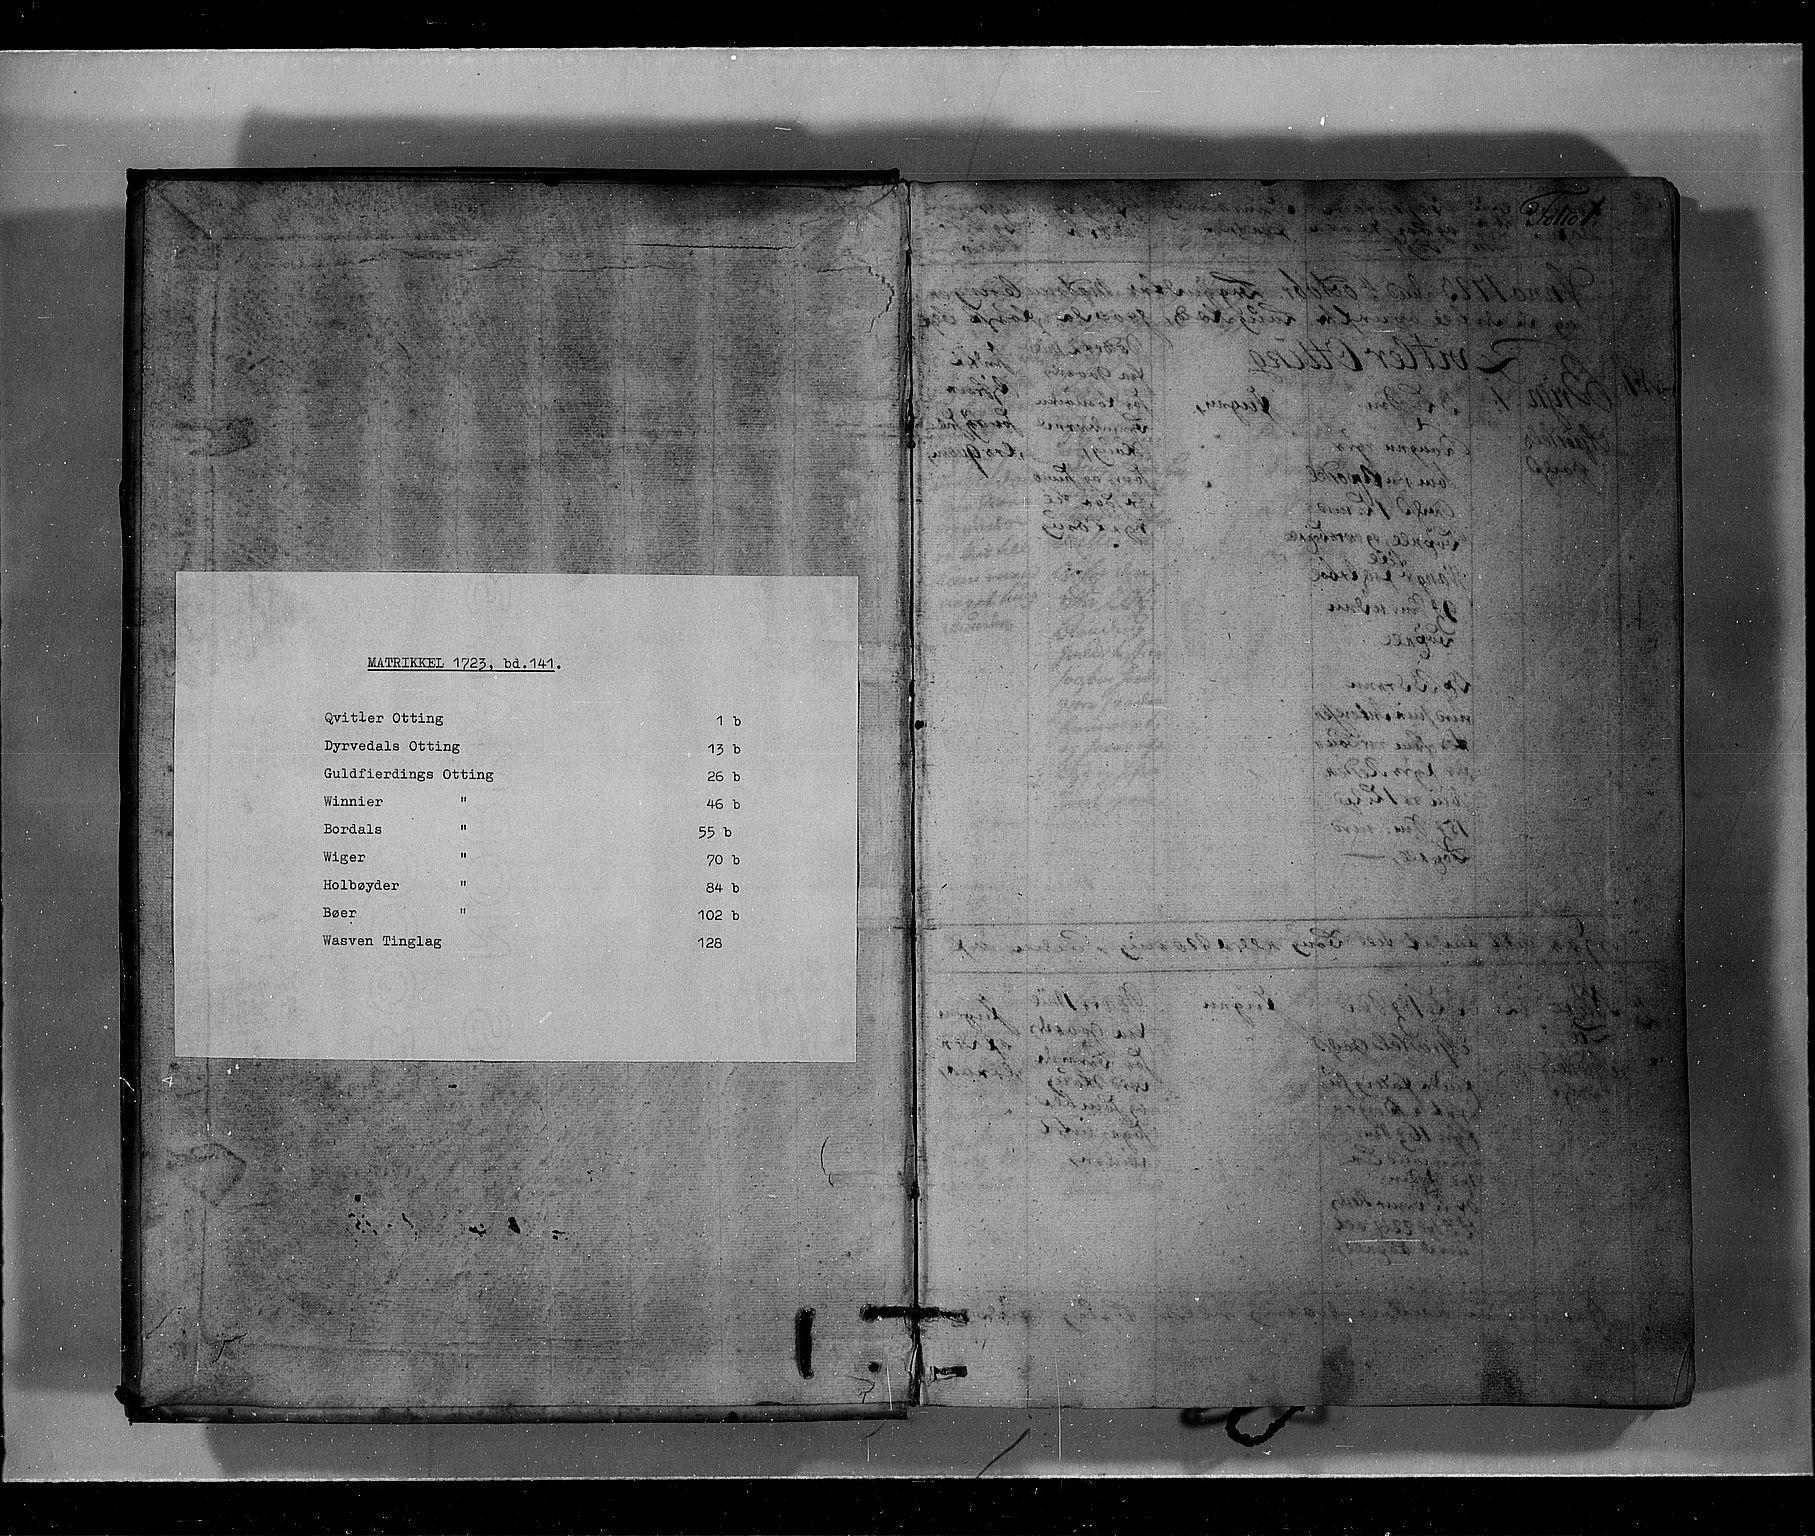 RA, Rentekammeret inntil 1814, Realistisk ordnet avdeling, N/Nb/Nbf/L0141: Voss eksaminasjonsprotokoll, 1723, s. upaginert